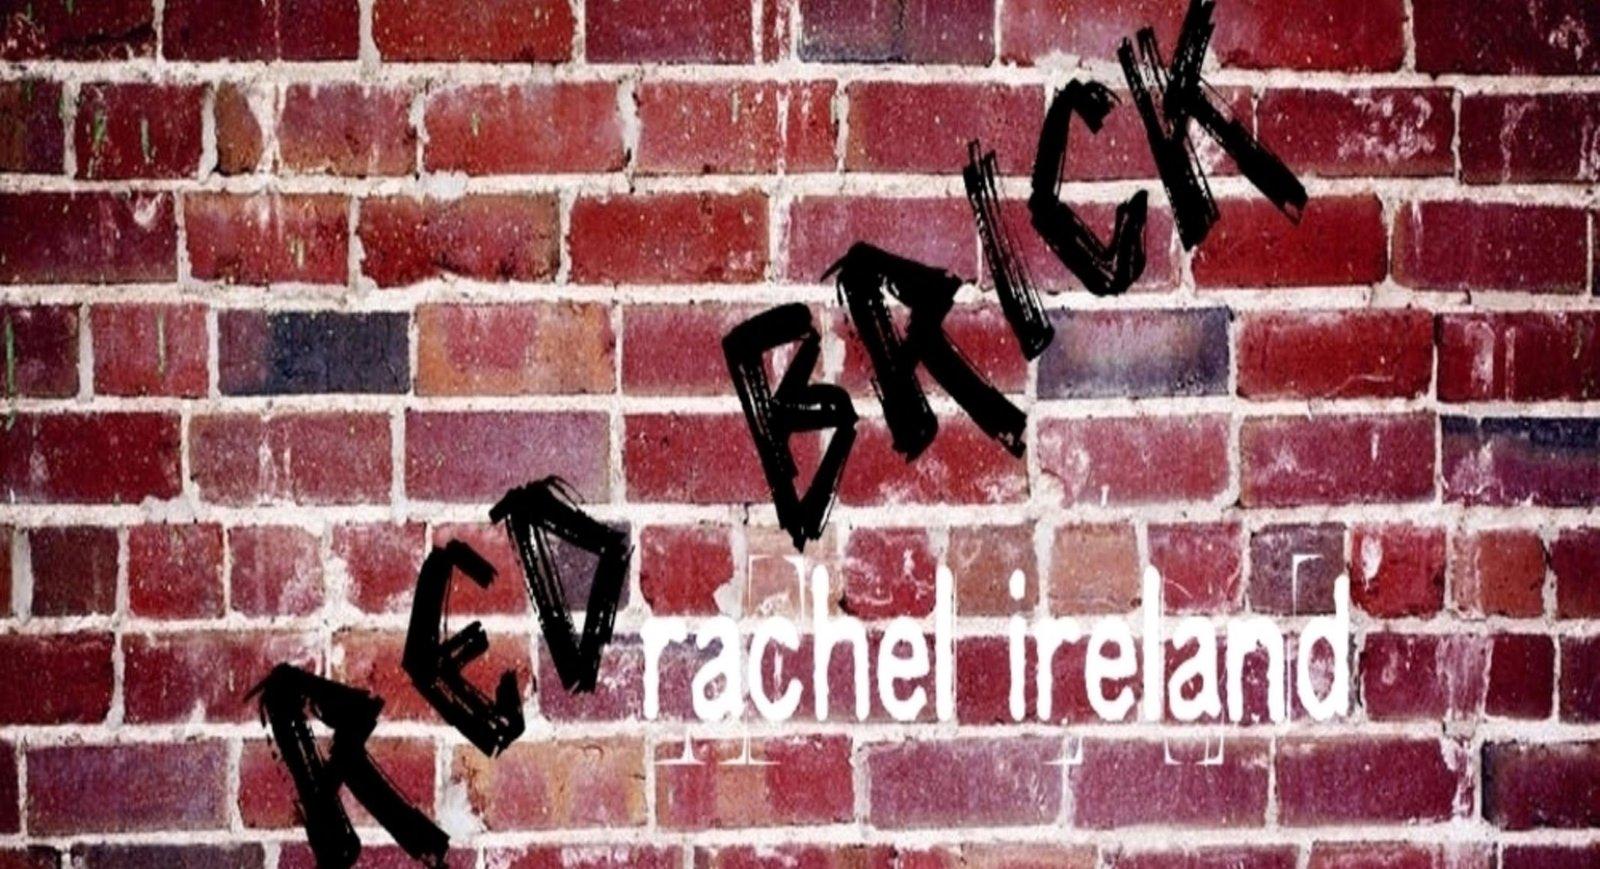 Rachel Ireland's «Red Brick»